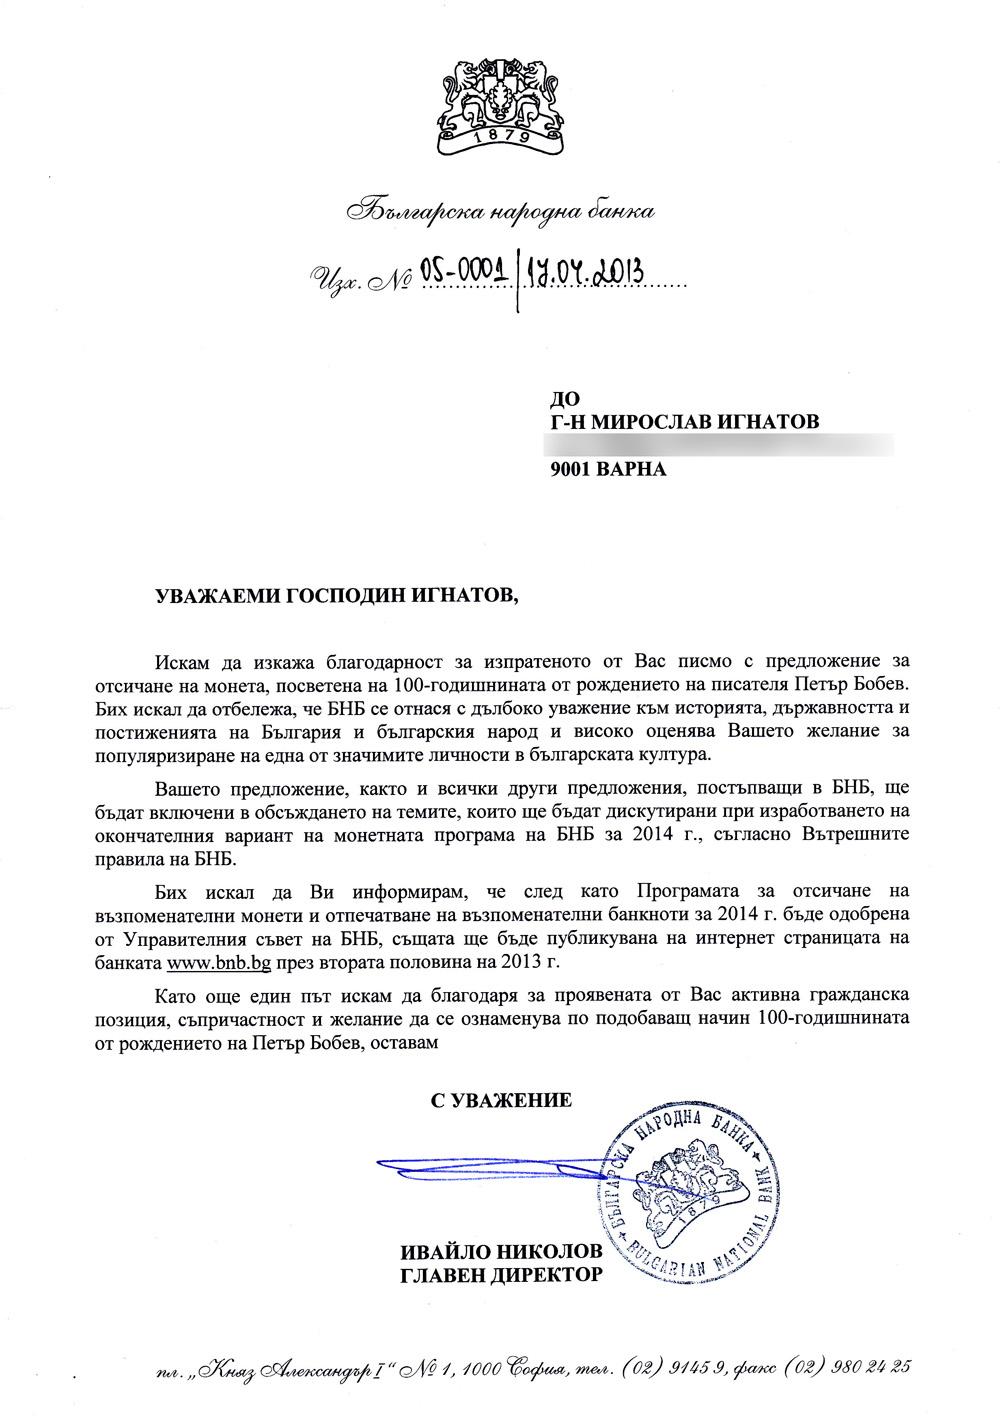 Отговор от Българска Народна Банка - 17.04.2013